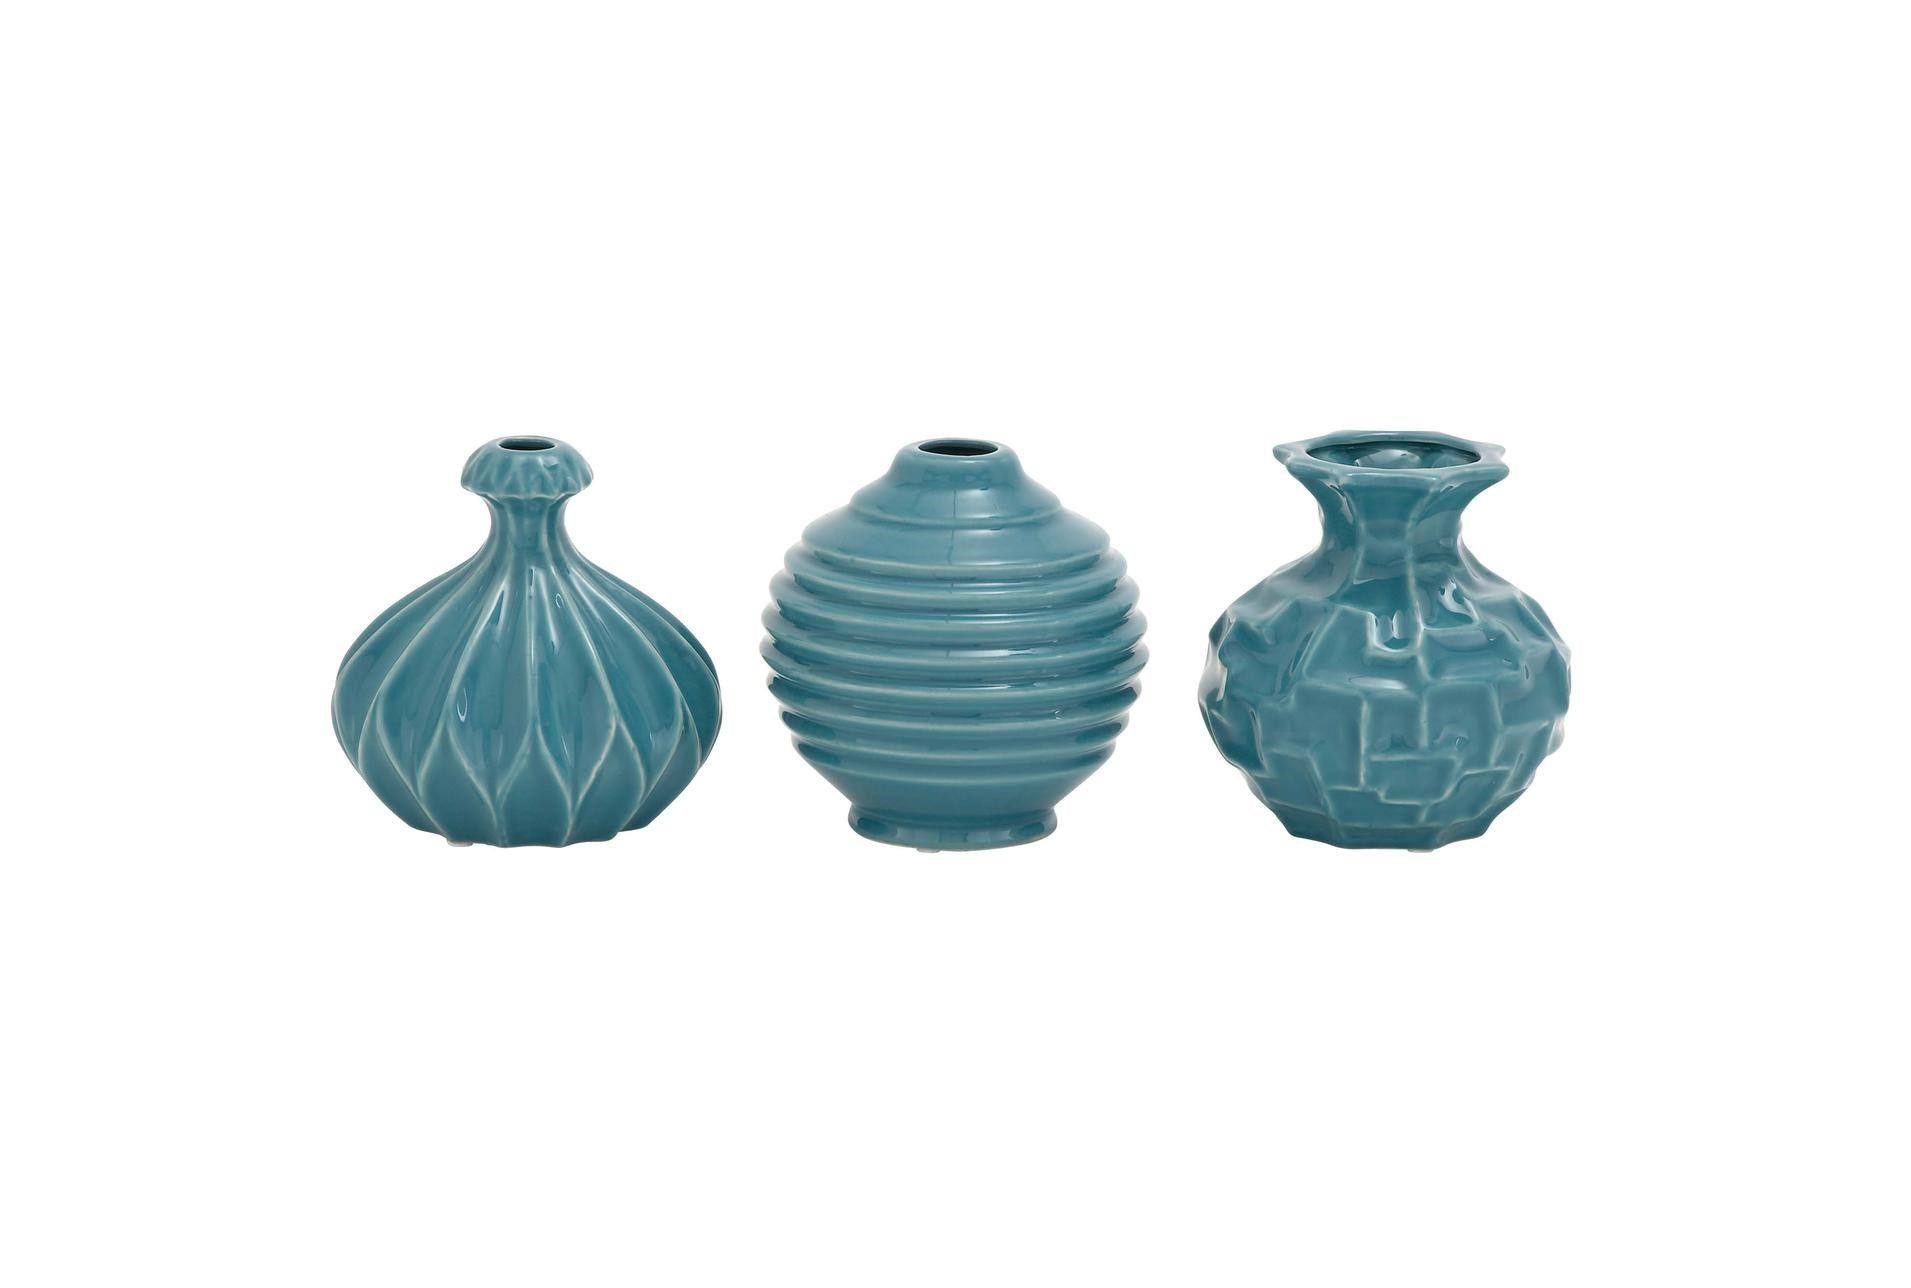 Blue Textured Ceramic Vase-Set Of 3 - $65